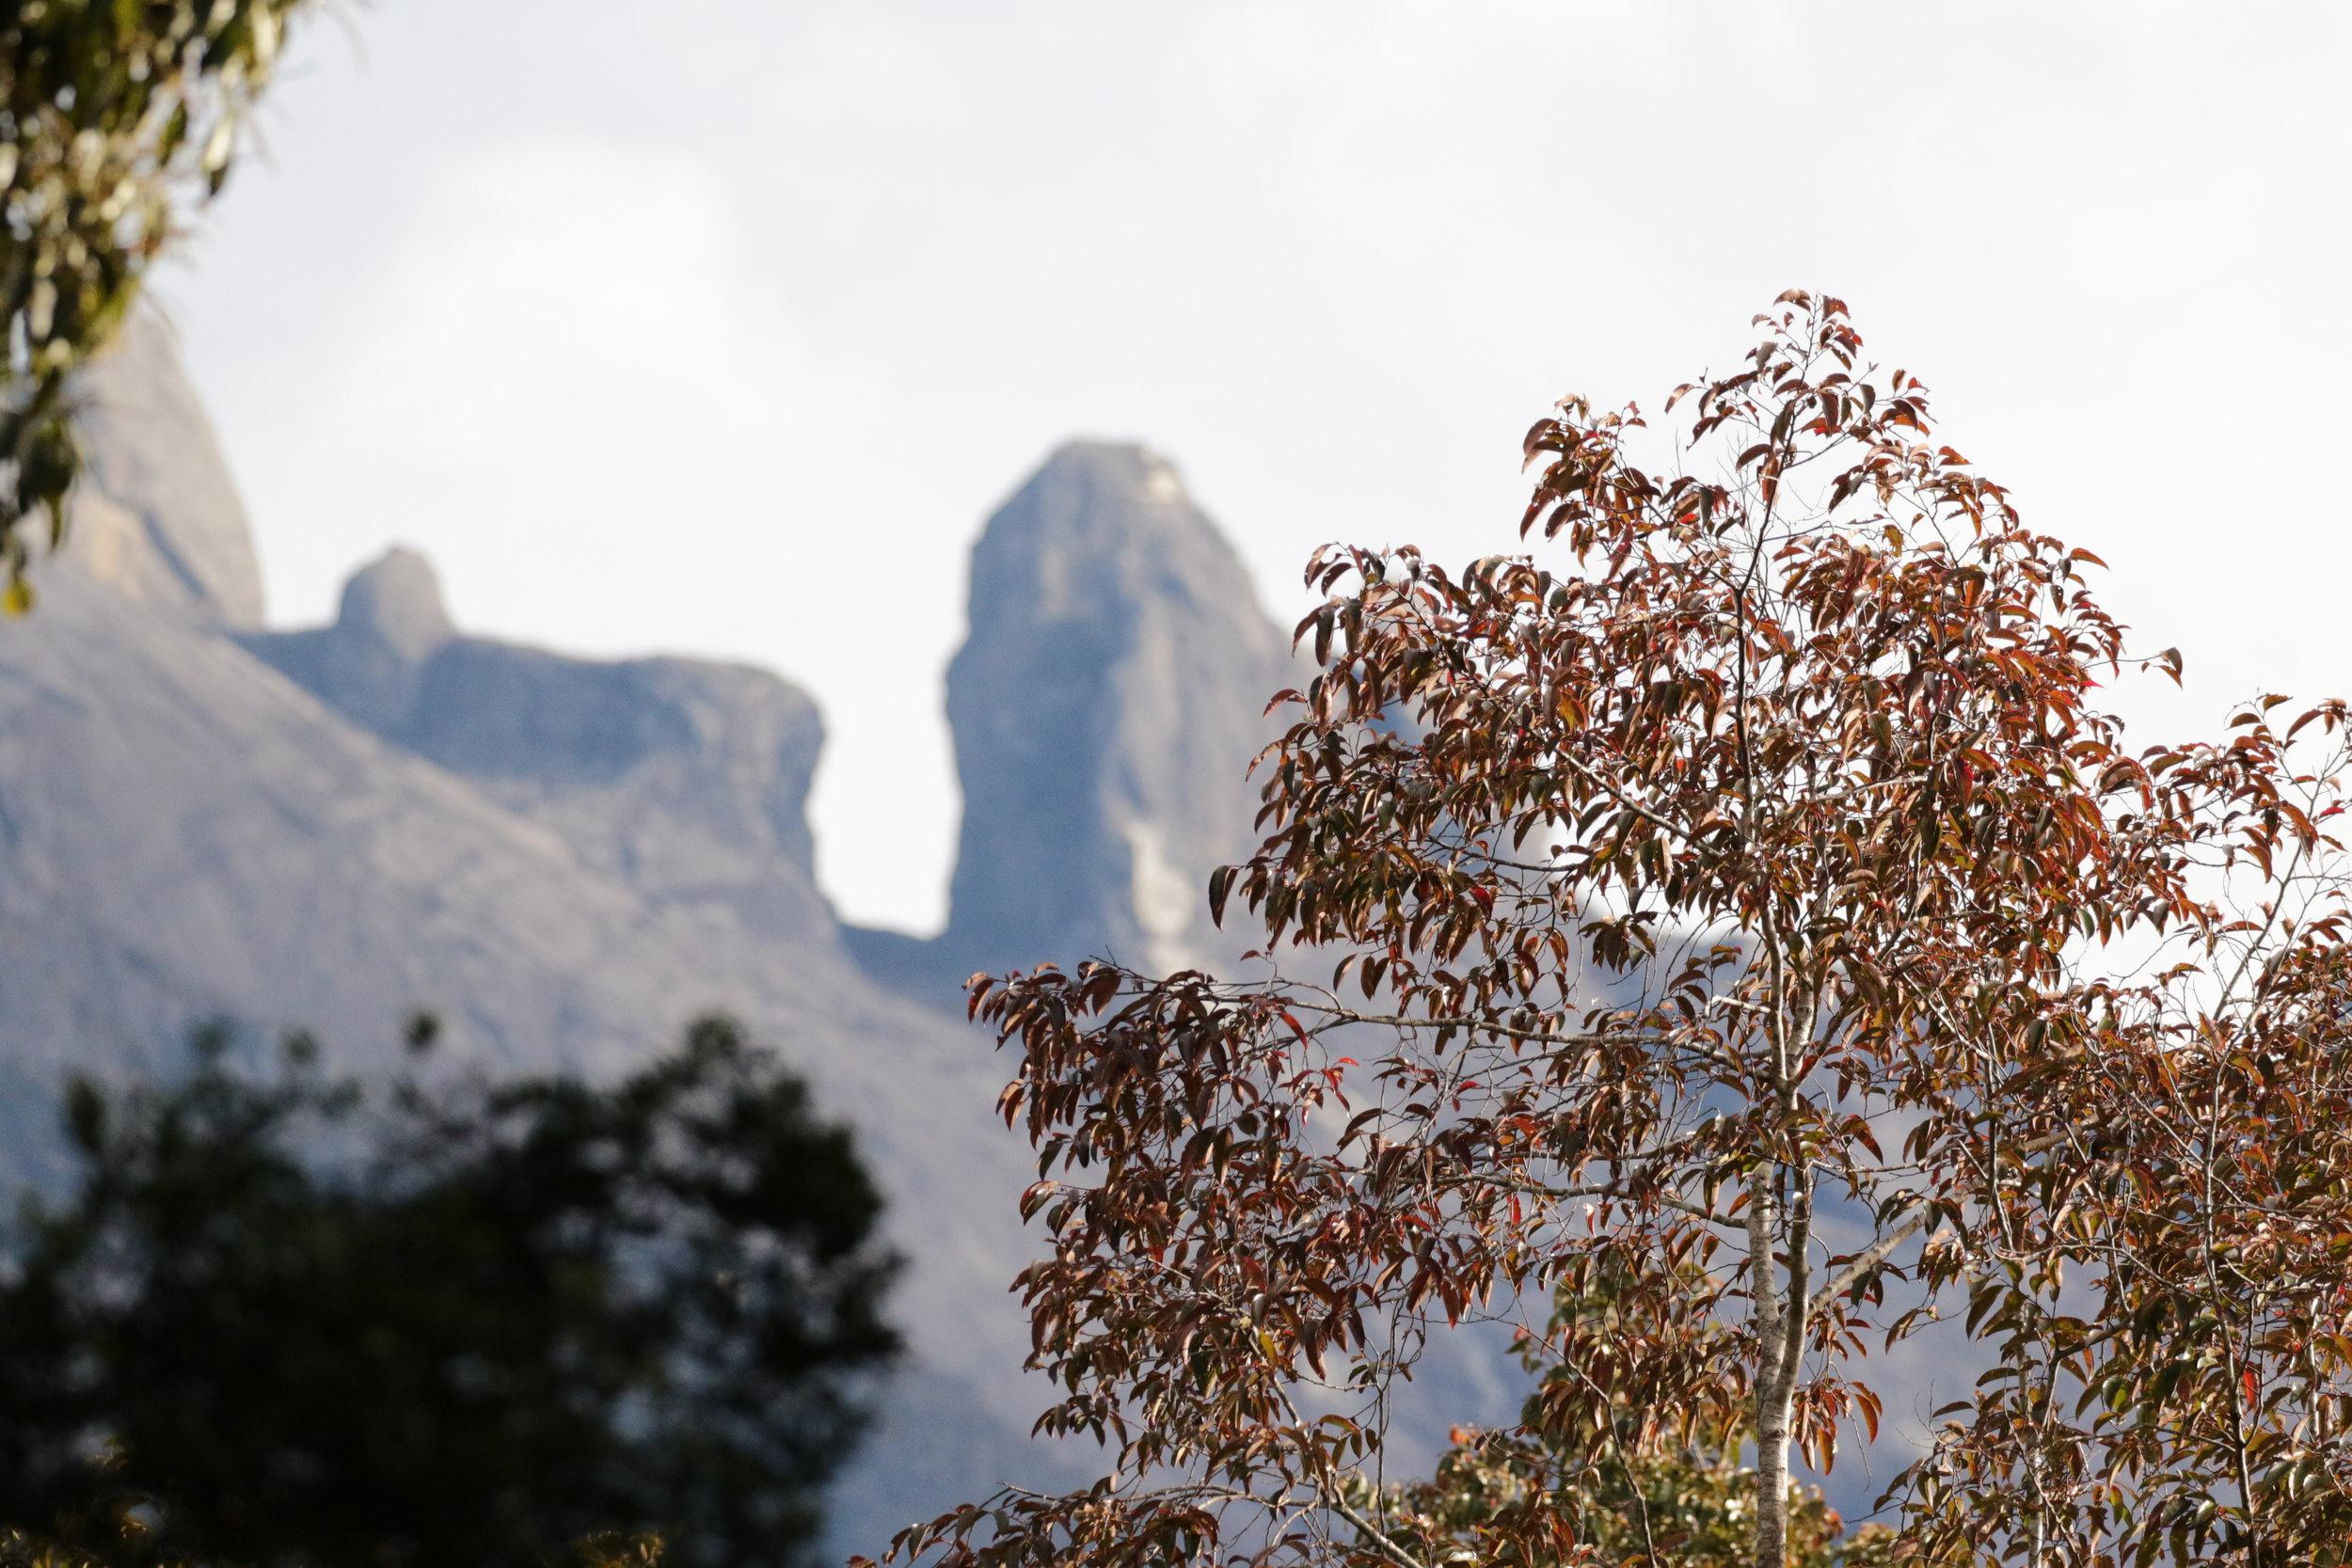 The peaks of Mount Kinabalu